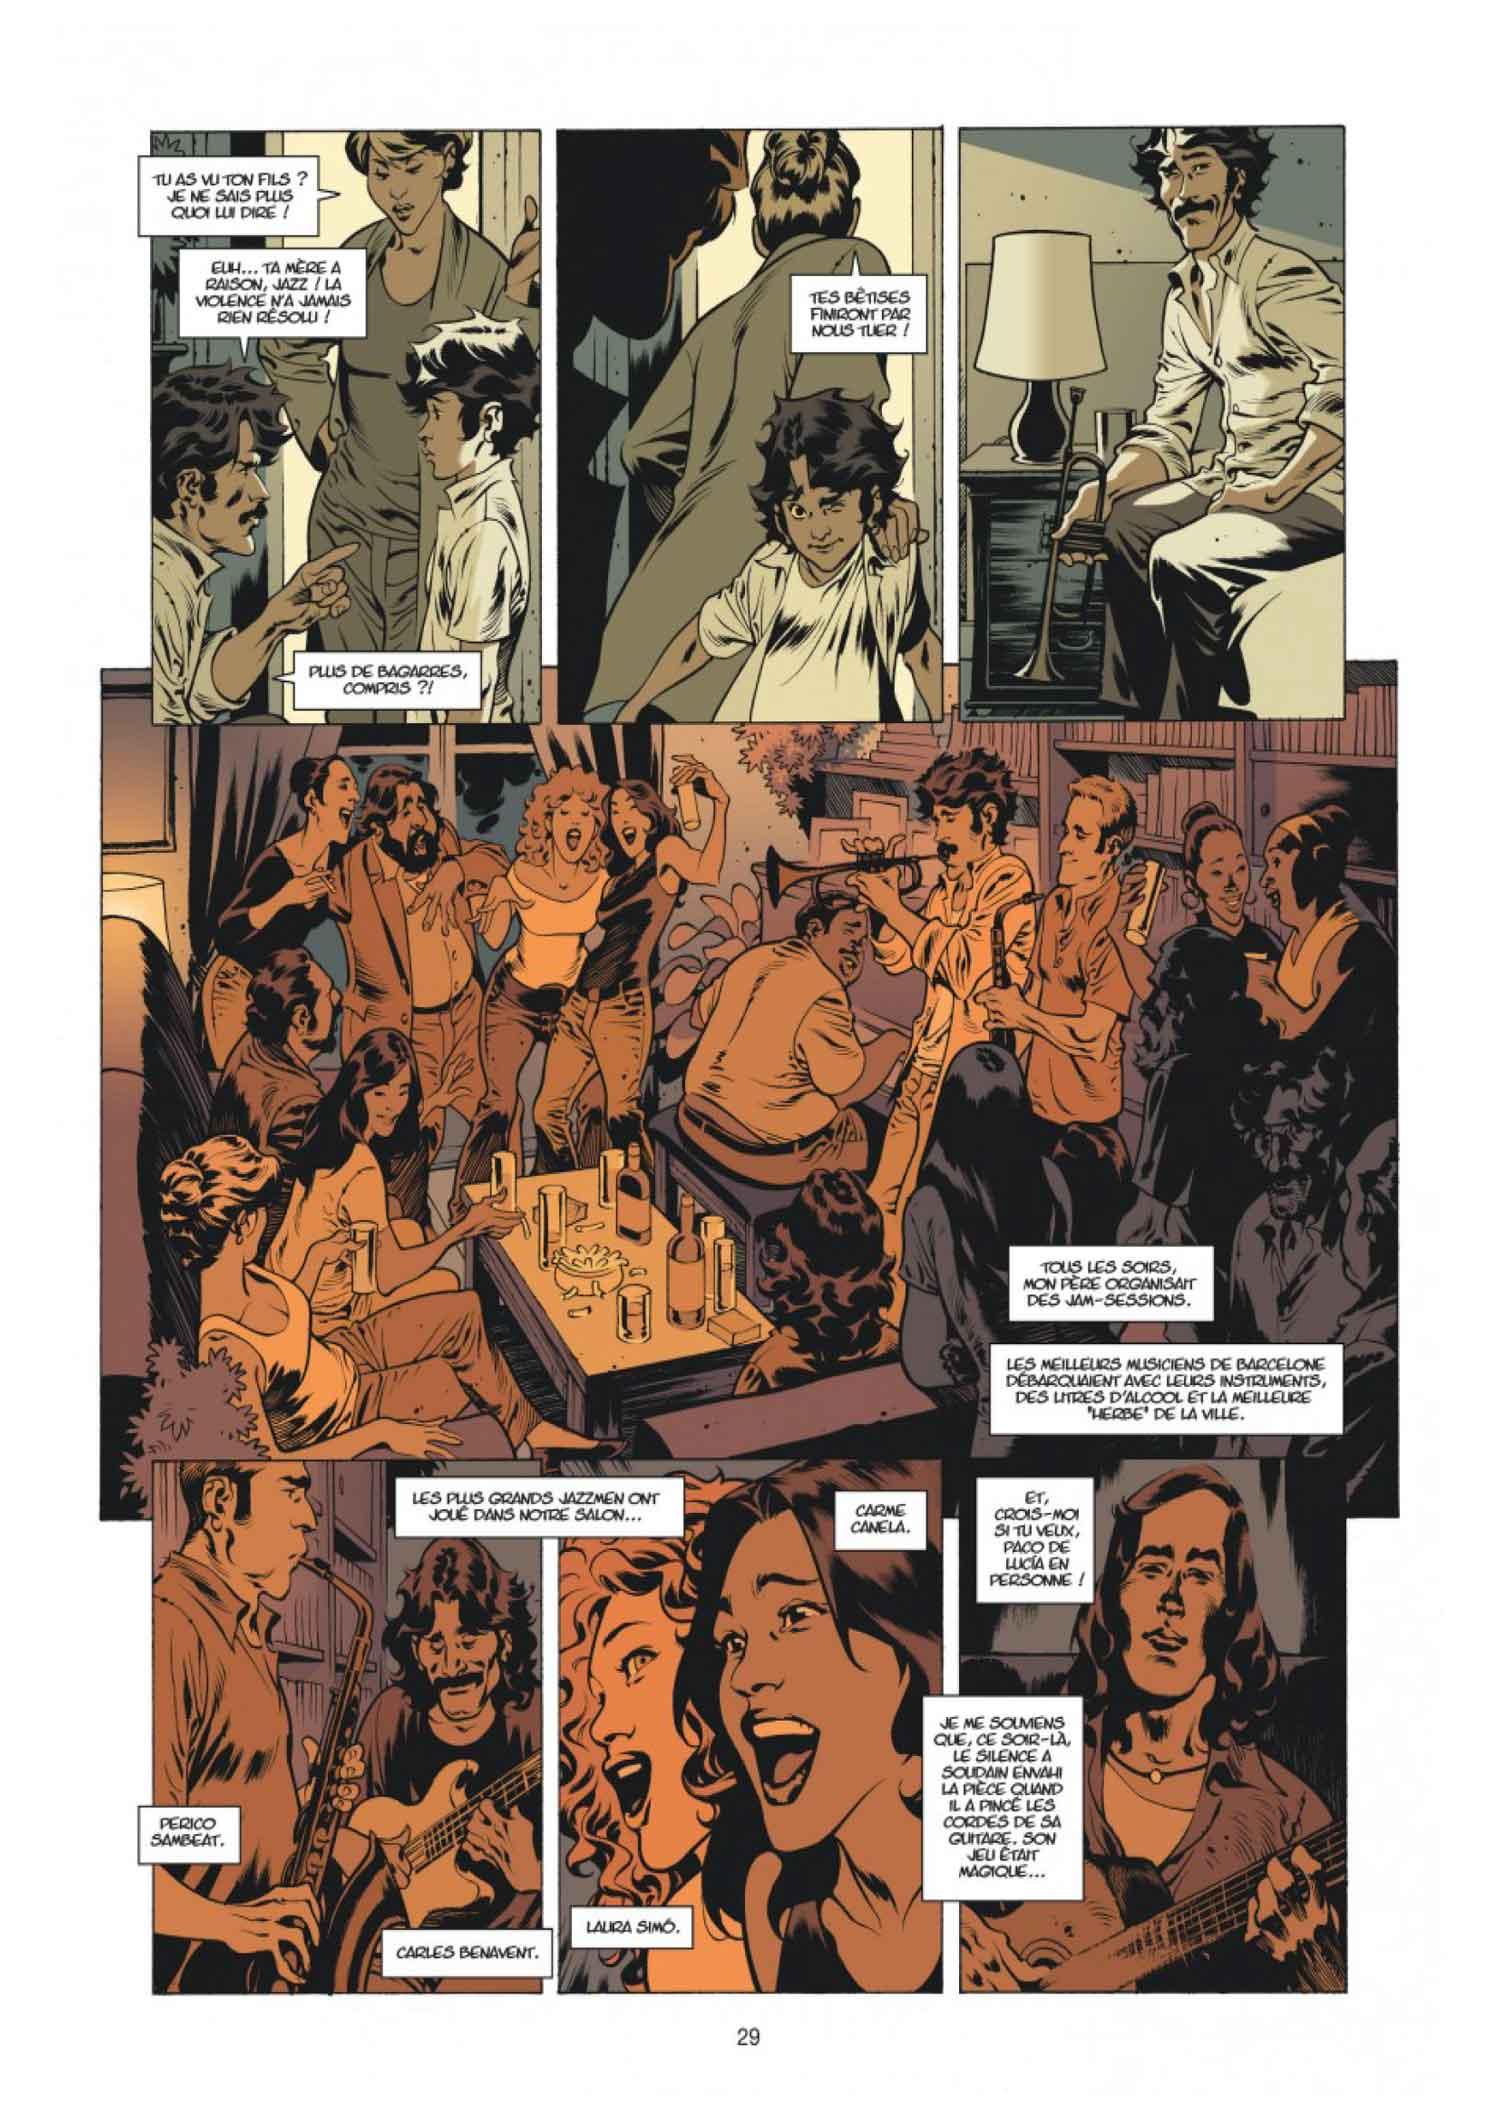 """Résultat de recherche d'images pour """"jazz maynard roger ibanez live in barcelona"""""""